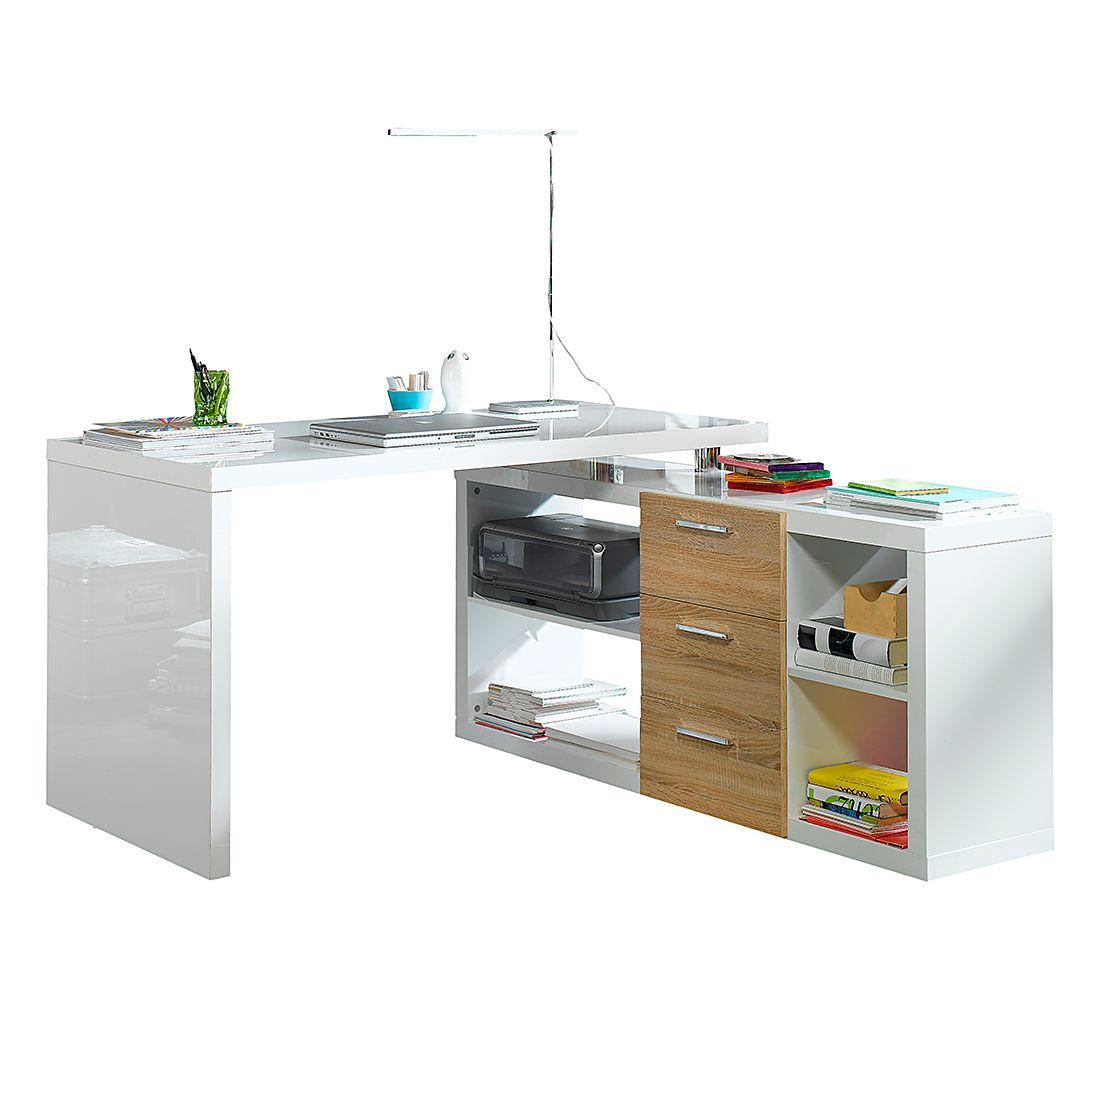 Winkelschreibtisch Madina - Hochglanz Weiß / Eiche Sonoma Dekor, home24 office